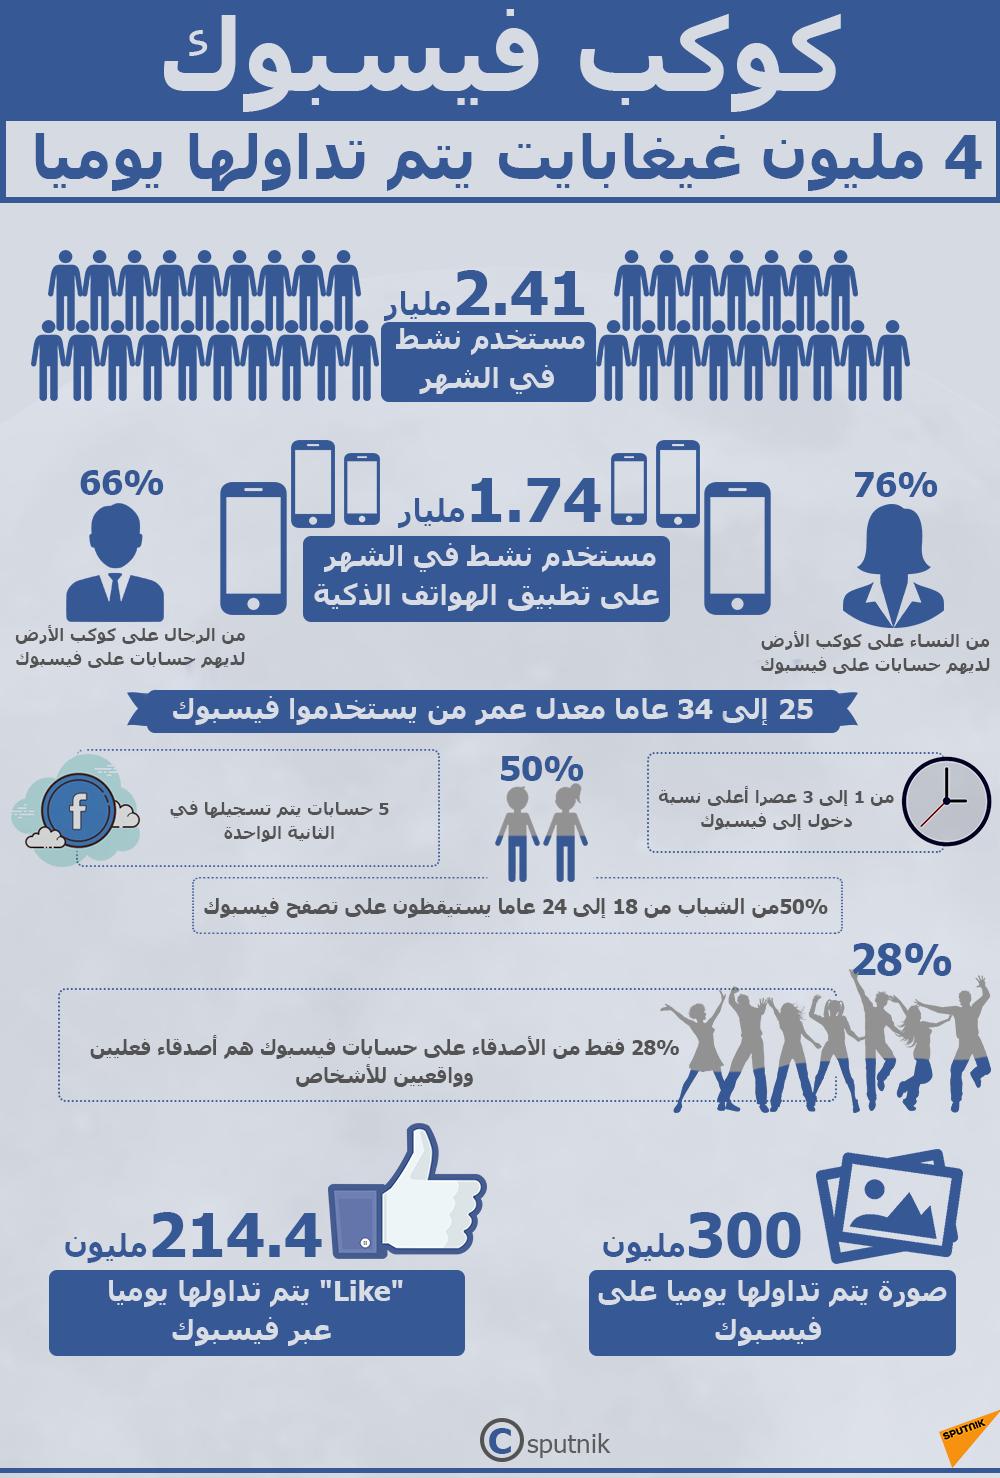 كوكب فيسبوك: 4 مليون غيغابايت يتم تداولها يوميا